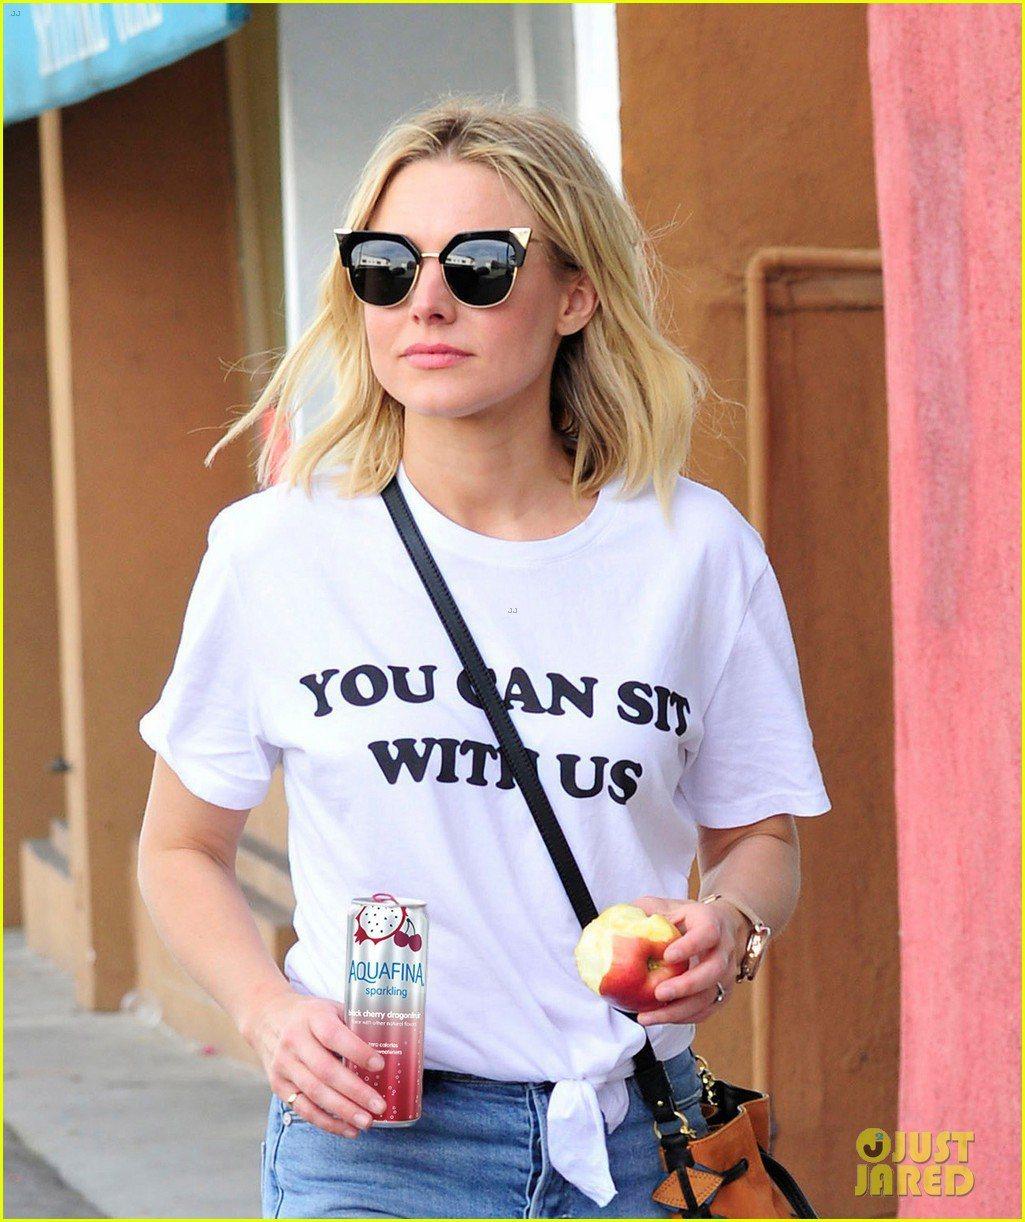 女星克莉絲汀貝爾近日穿著一身白T出門,T恤上寫著惡搞版的電影「辣妹過招」經典台詞